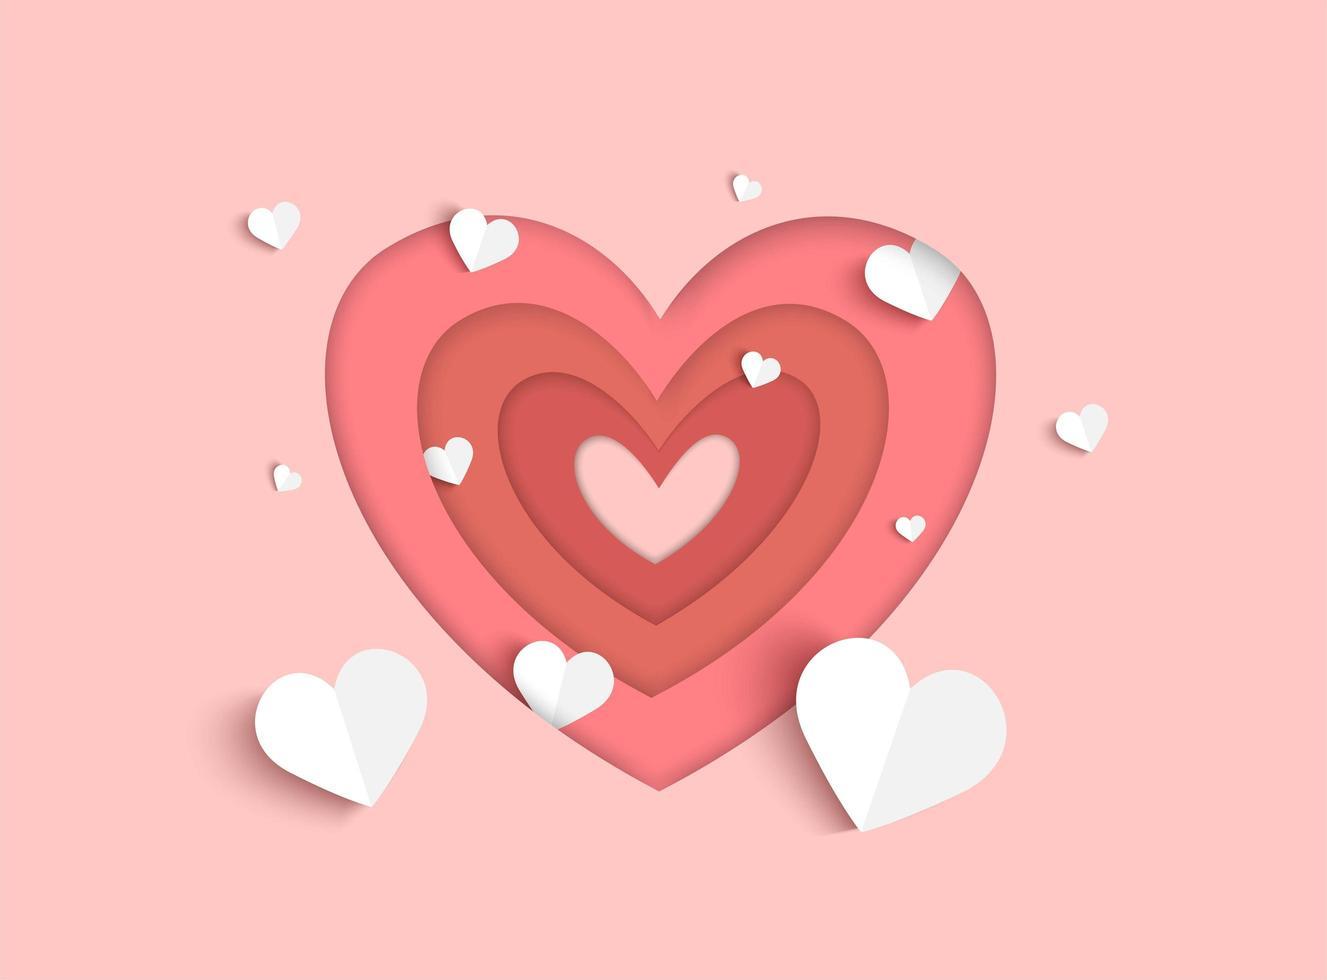 San Valentino sfondo rosa con carta bianca taglia stile cuori e a strati a forma di cuore vettore